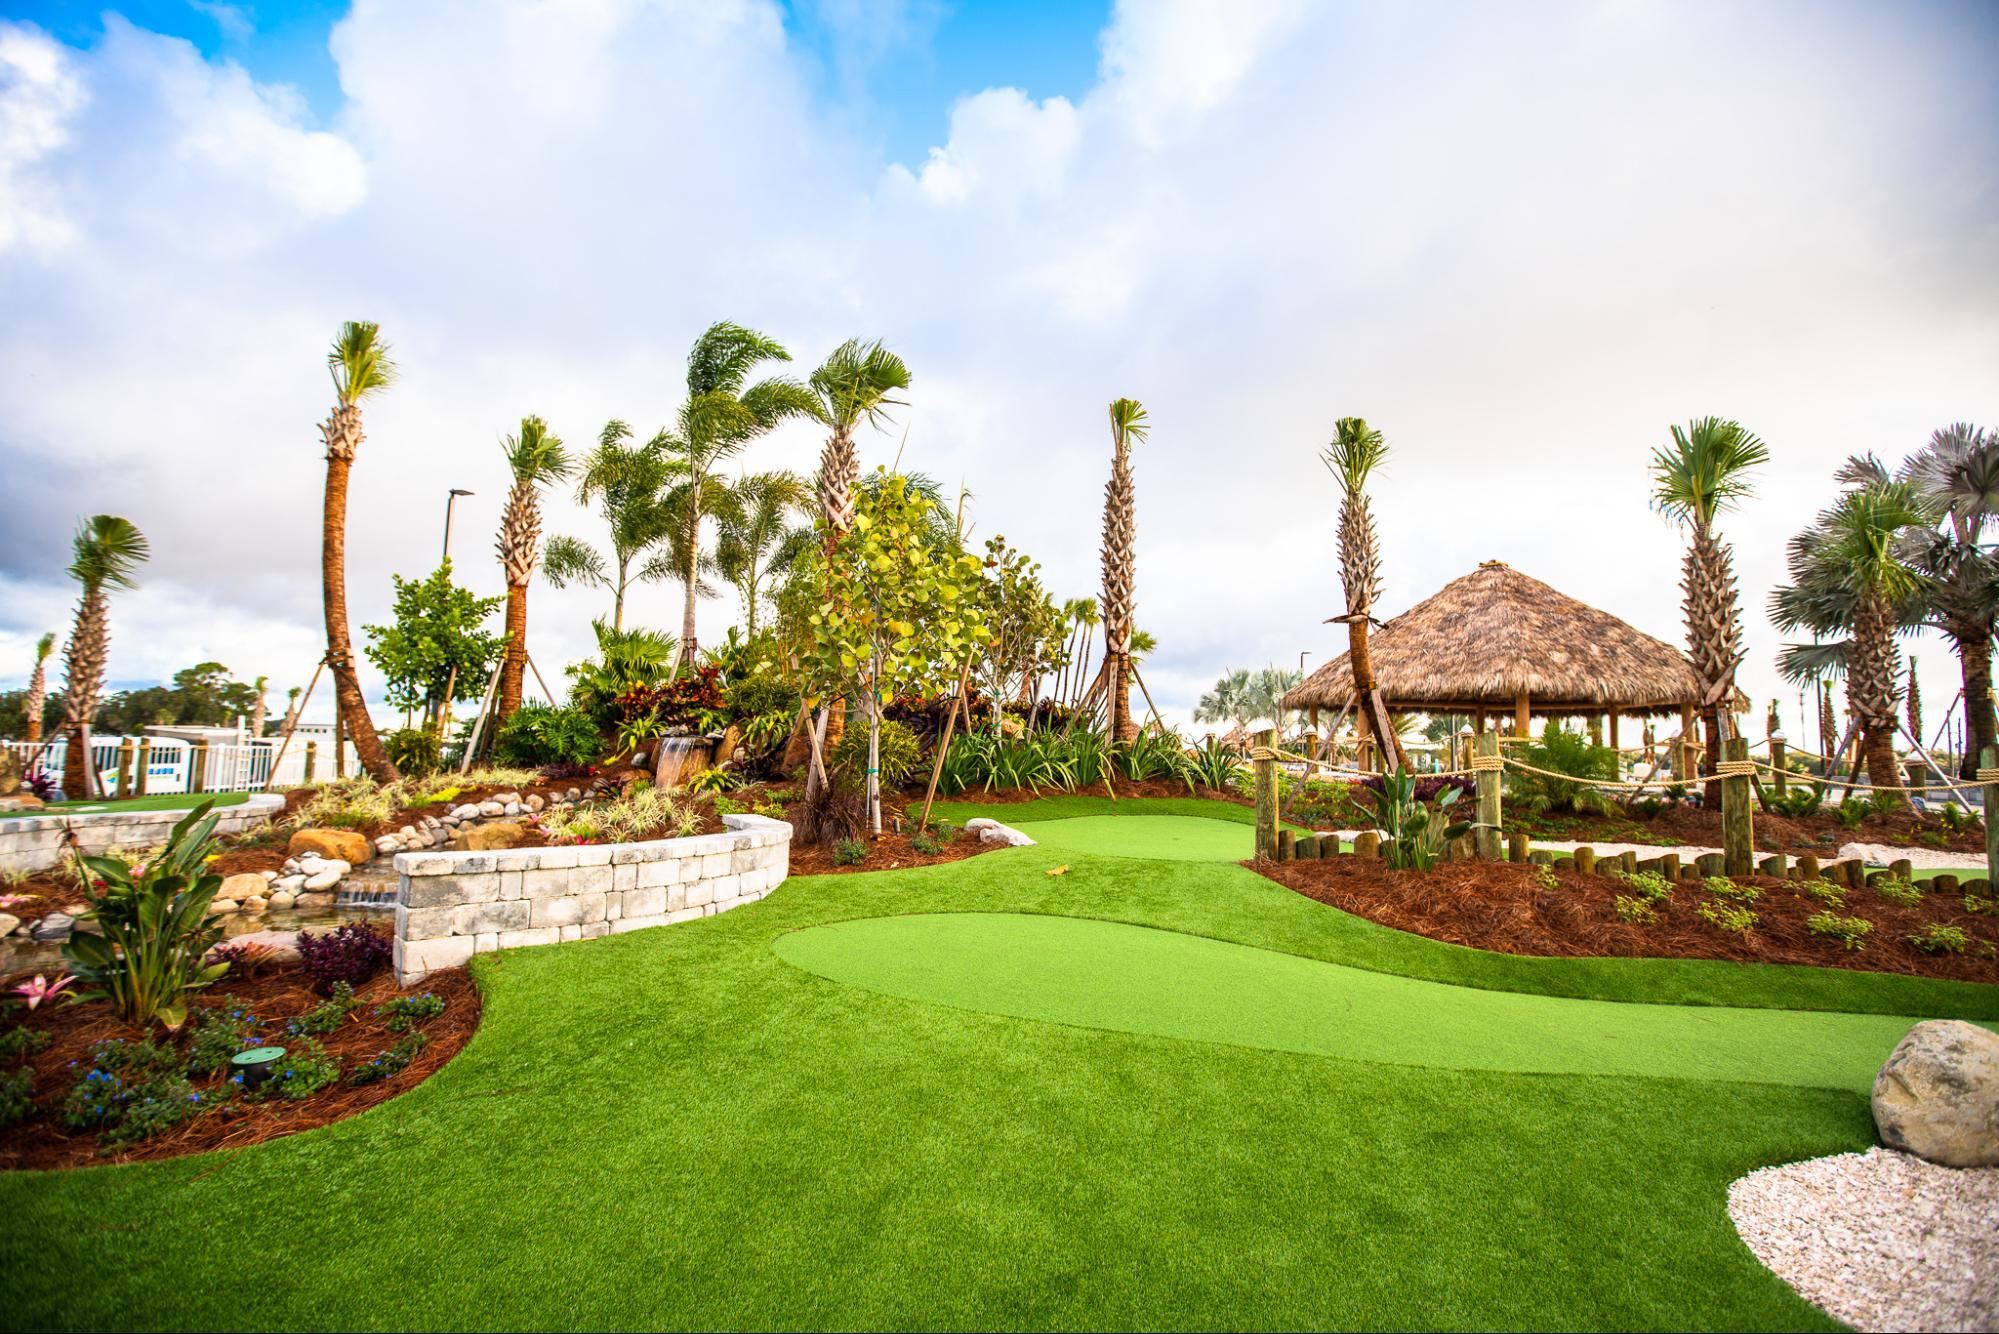 Cabana Club Resort golf course